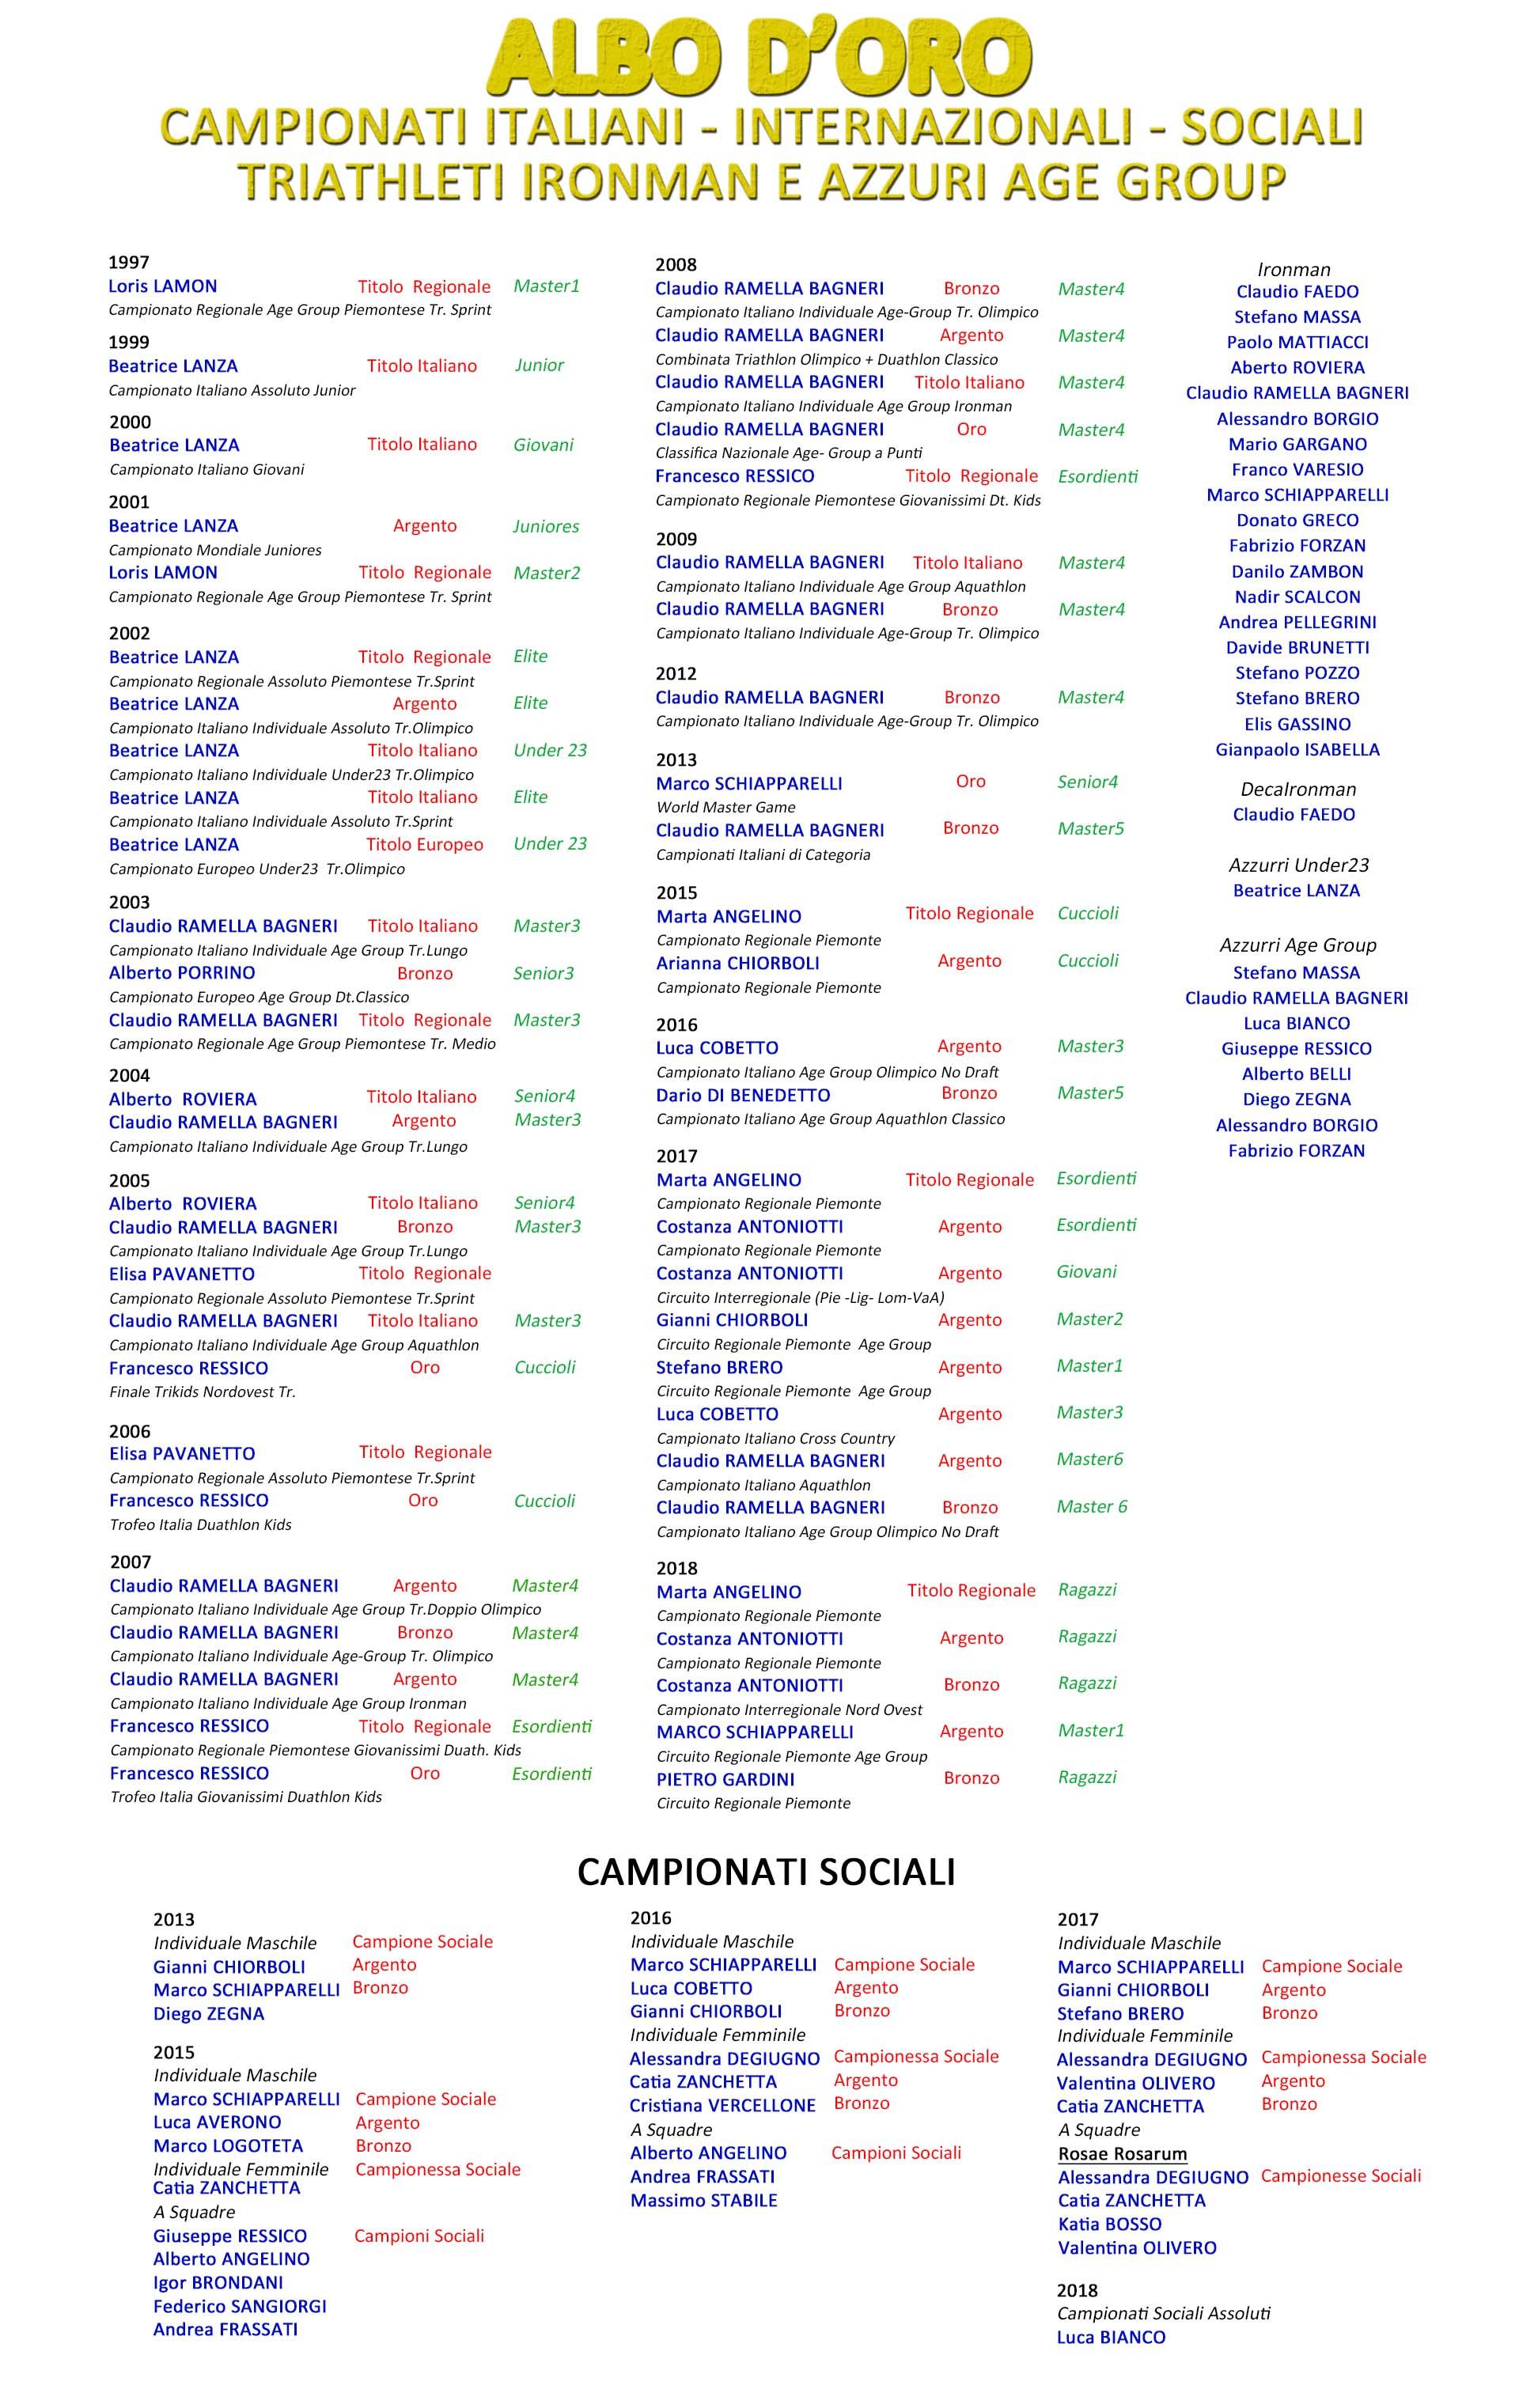 Fitri Calendario Gare.Albo D Oro Ironbiella Triathlon